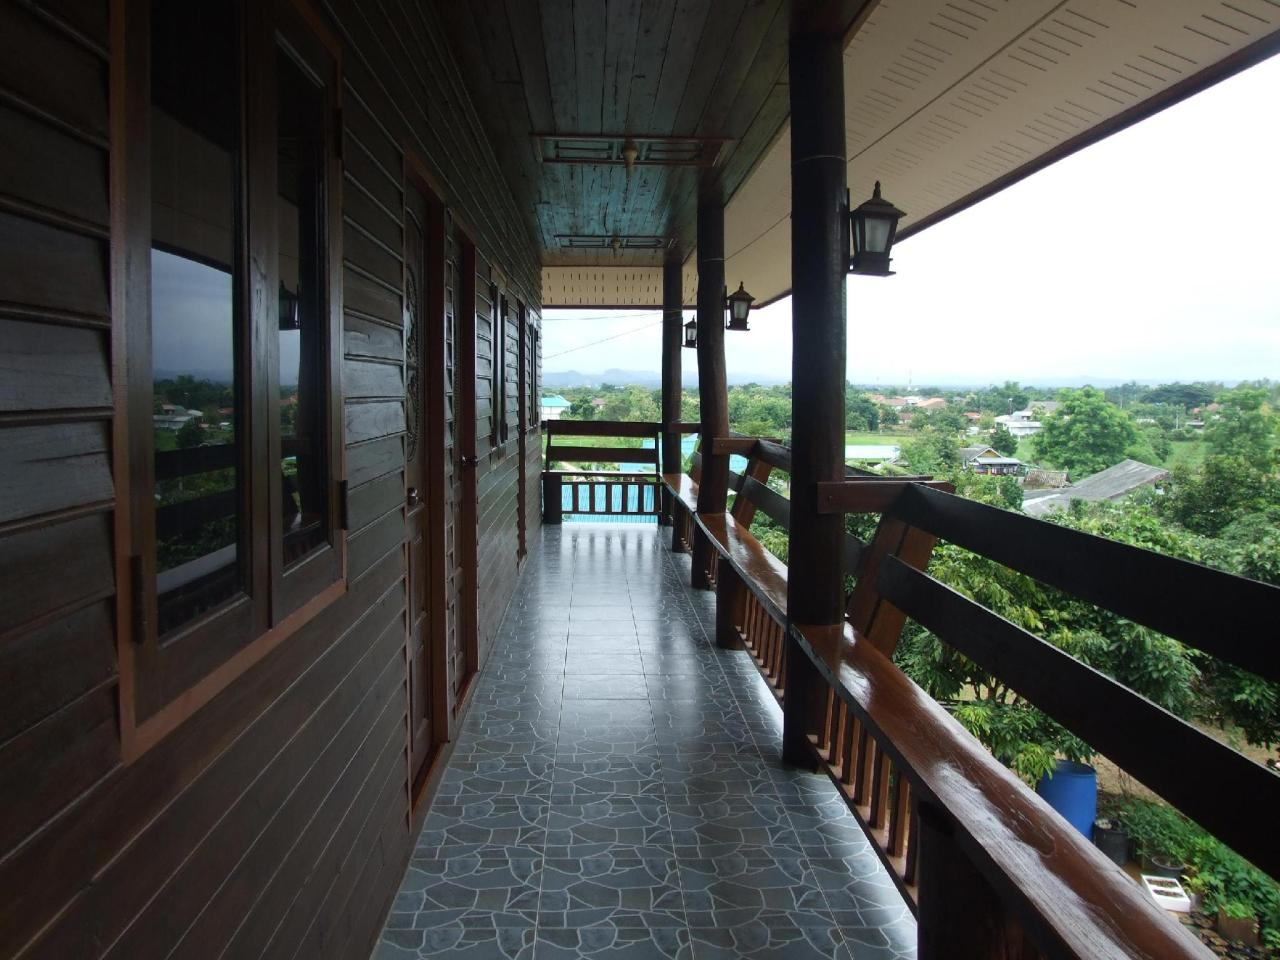 บ้าน สวน ไม้ งาม รีสอร์ท (Ban Suan Mai Ngam Resort)